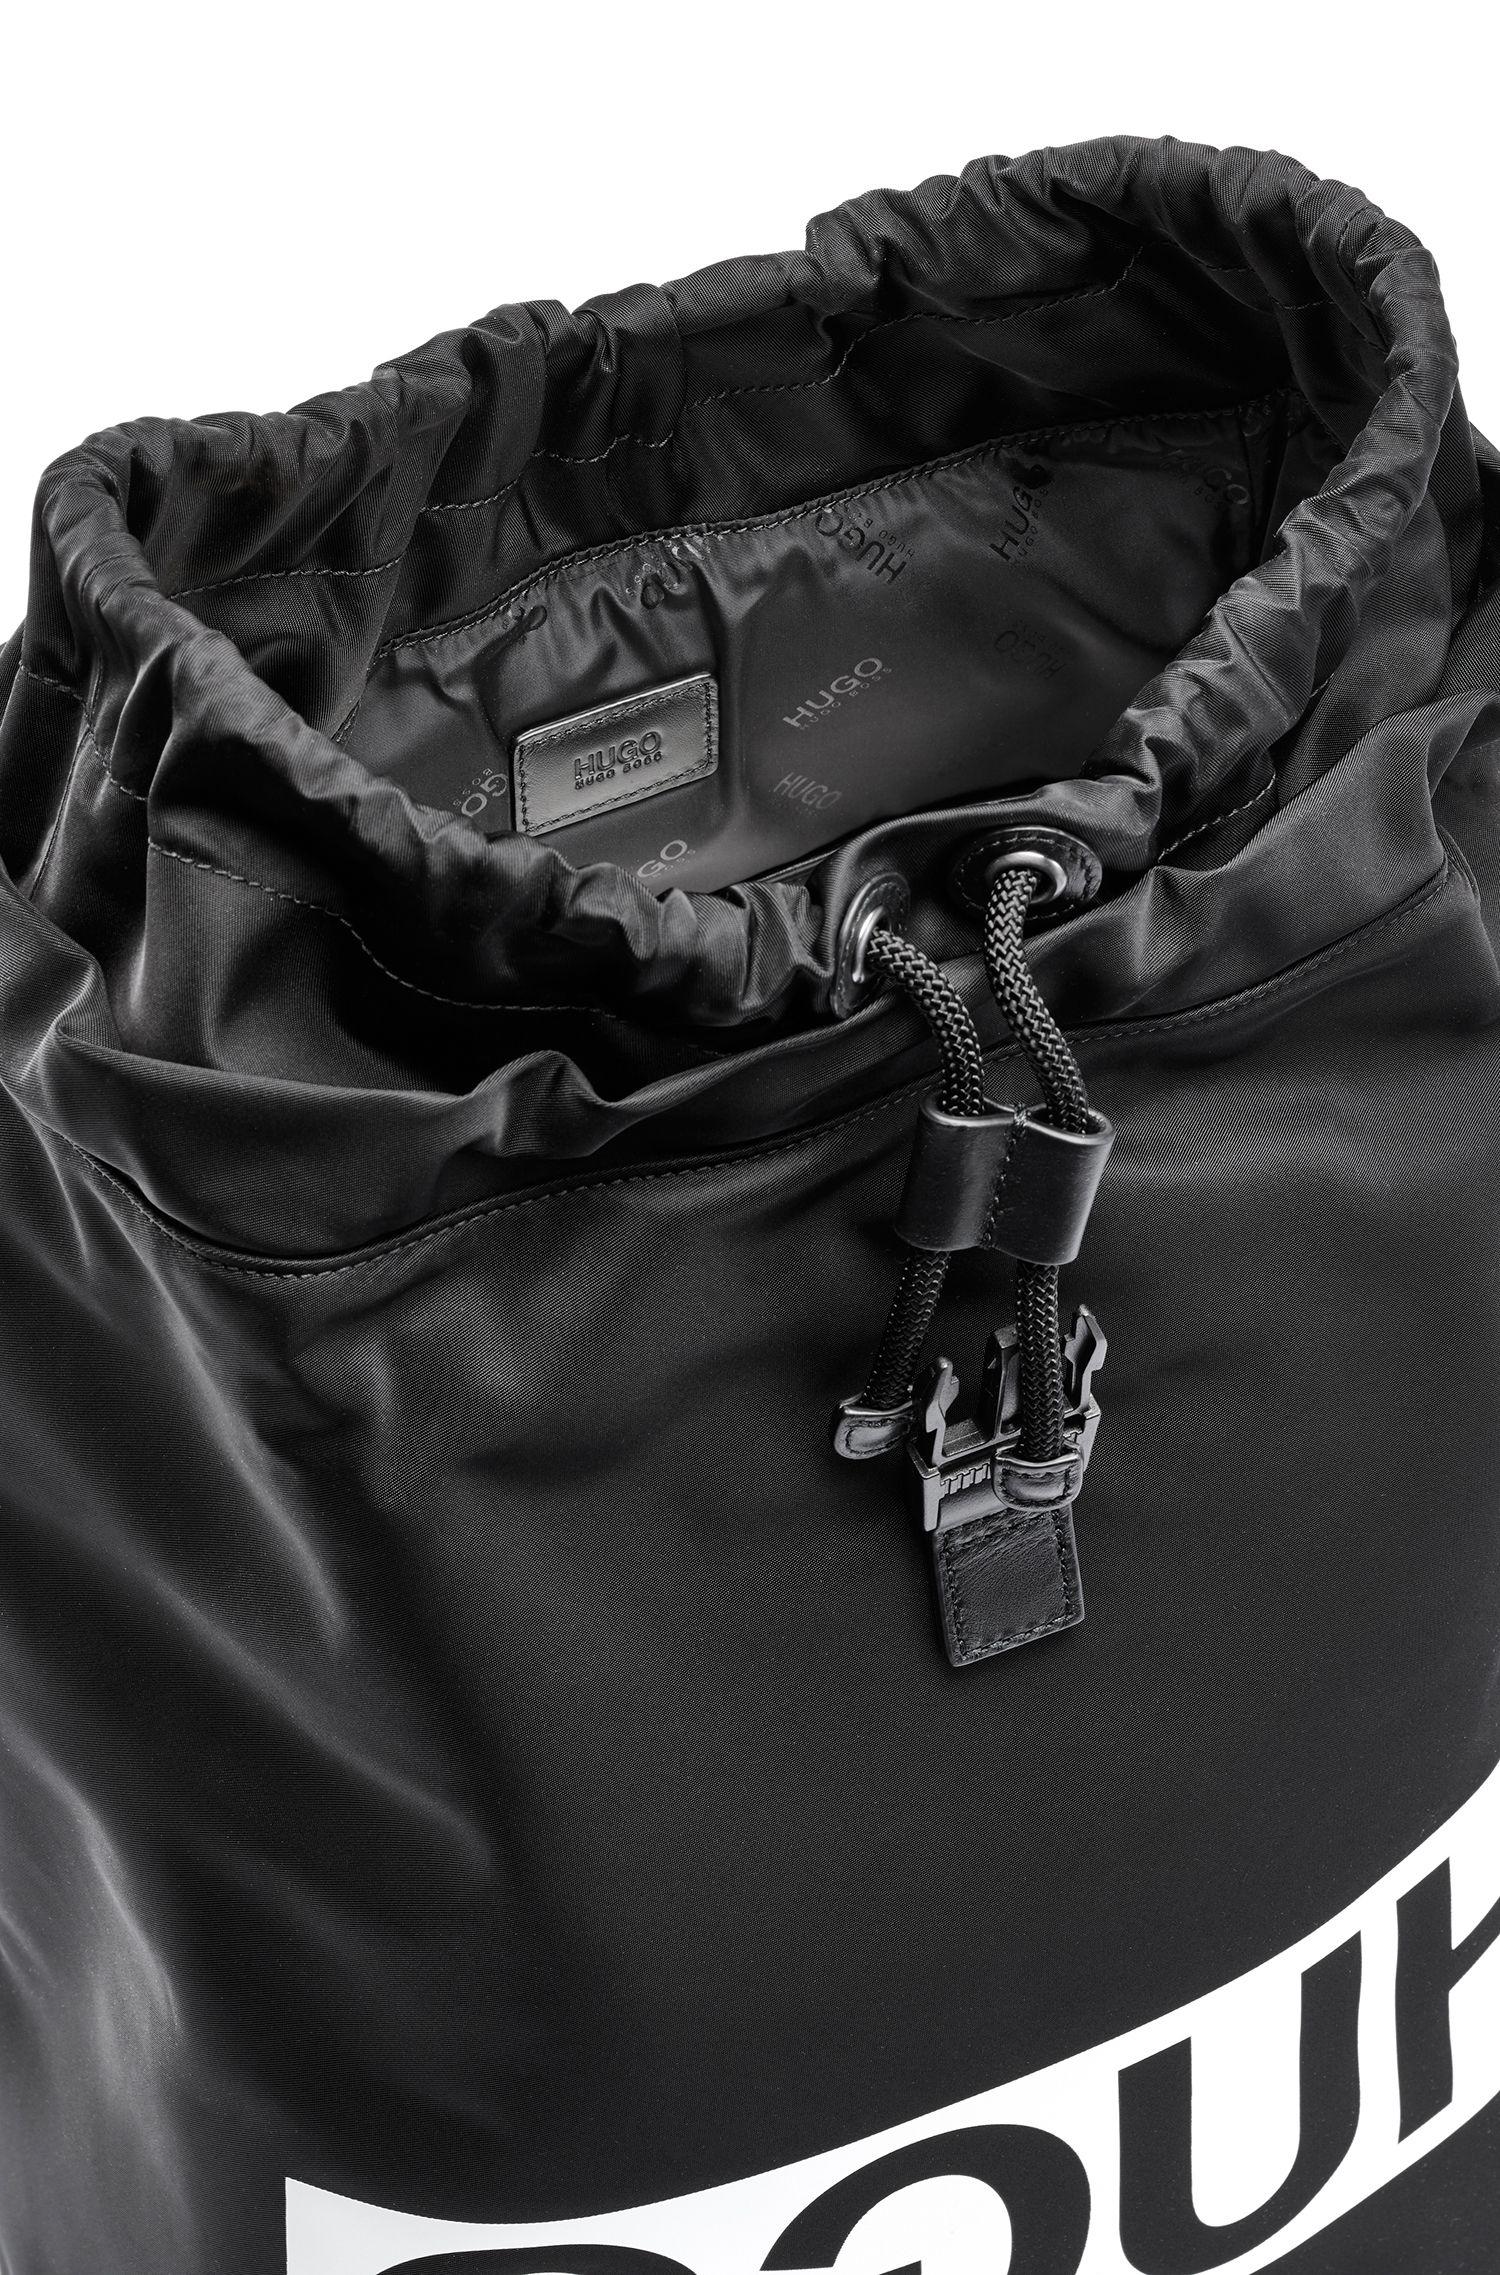 Sac à dos à logo inversé en gabardine technique, avec finitions en cuir